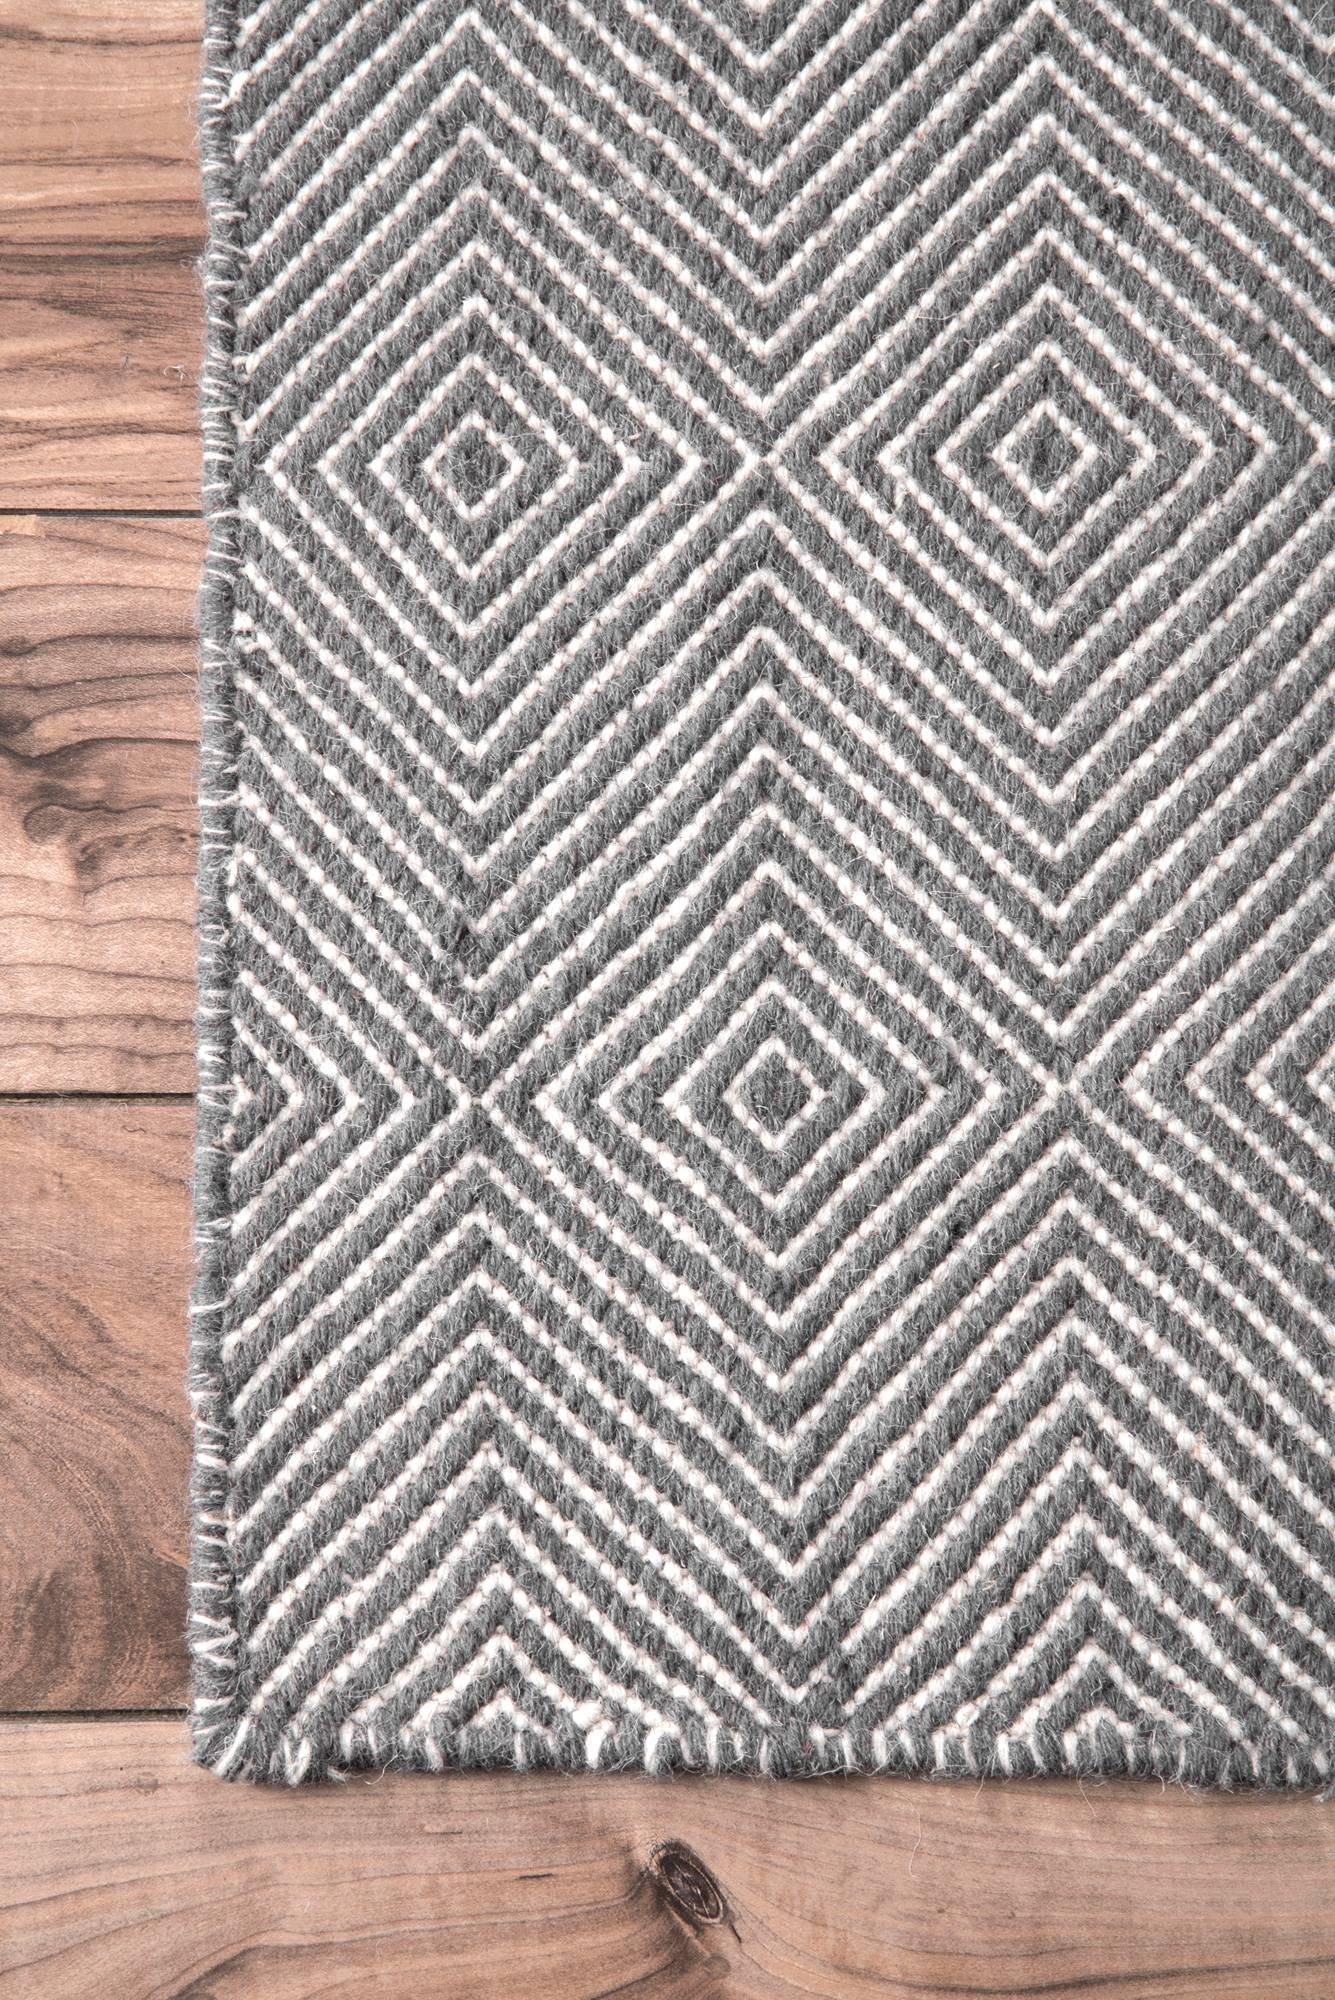 nuLOOM Handmade Fancy Trellis Wool Paddle Runner Area Rugs, 2' 6'' x 8', Grey by nuLOOM (Image #4)